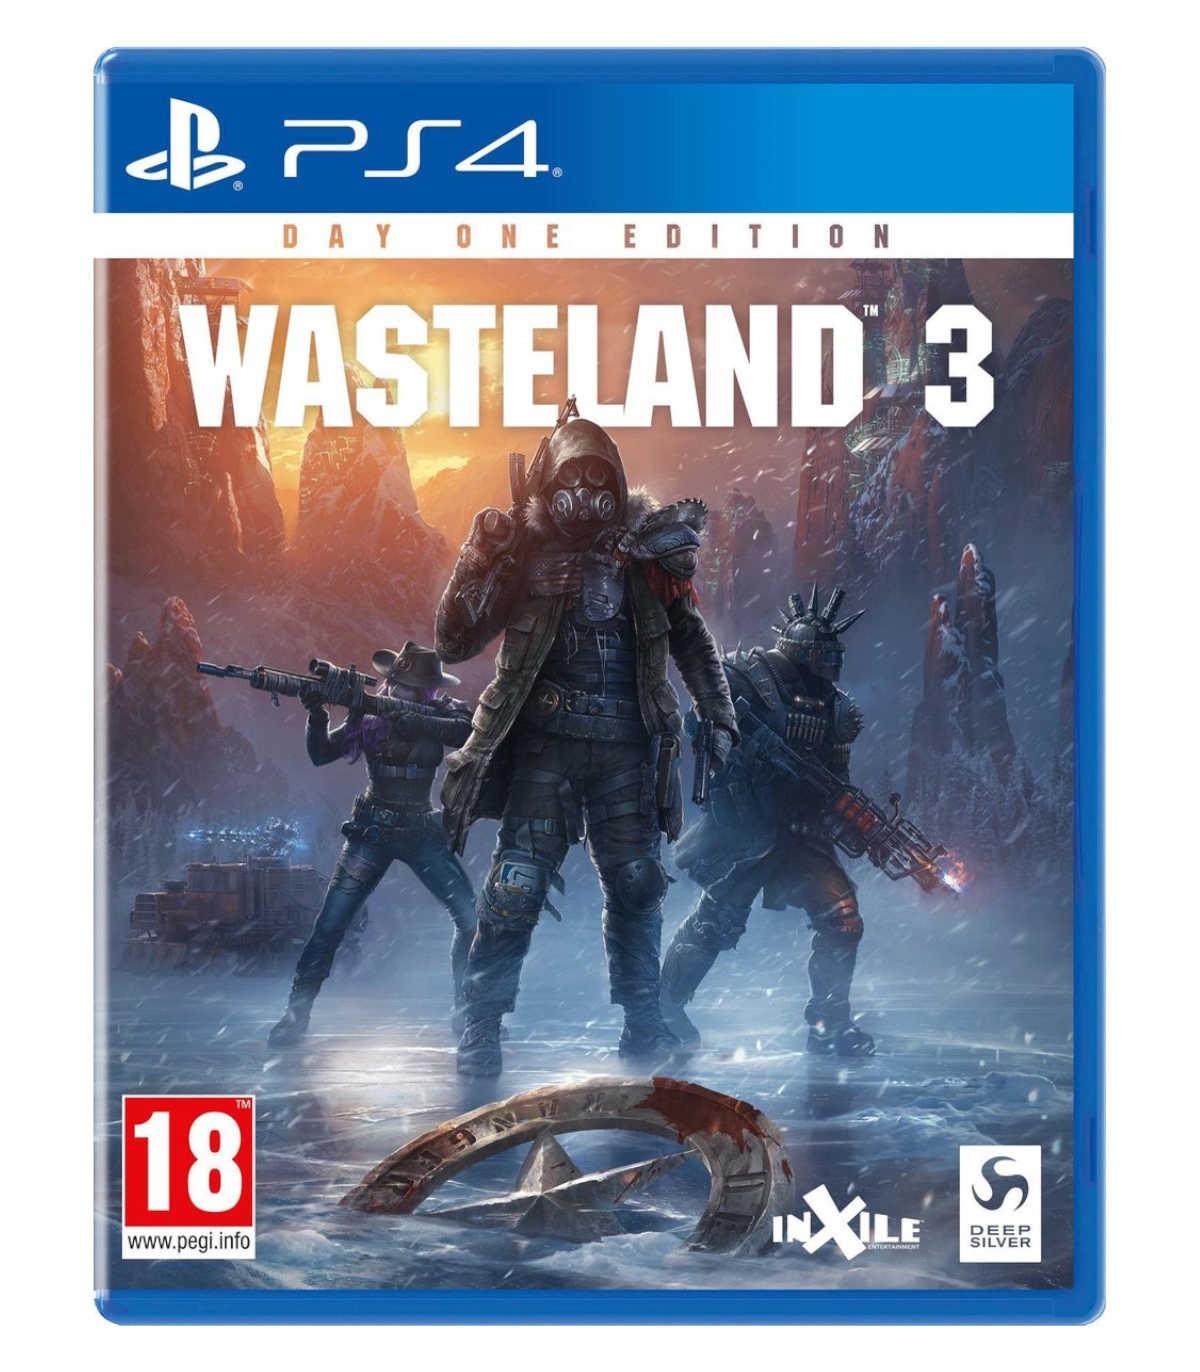 بازی Wasteland 3 Day One Edition - پلی استیشن 4